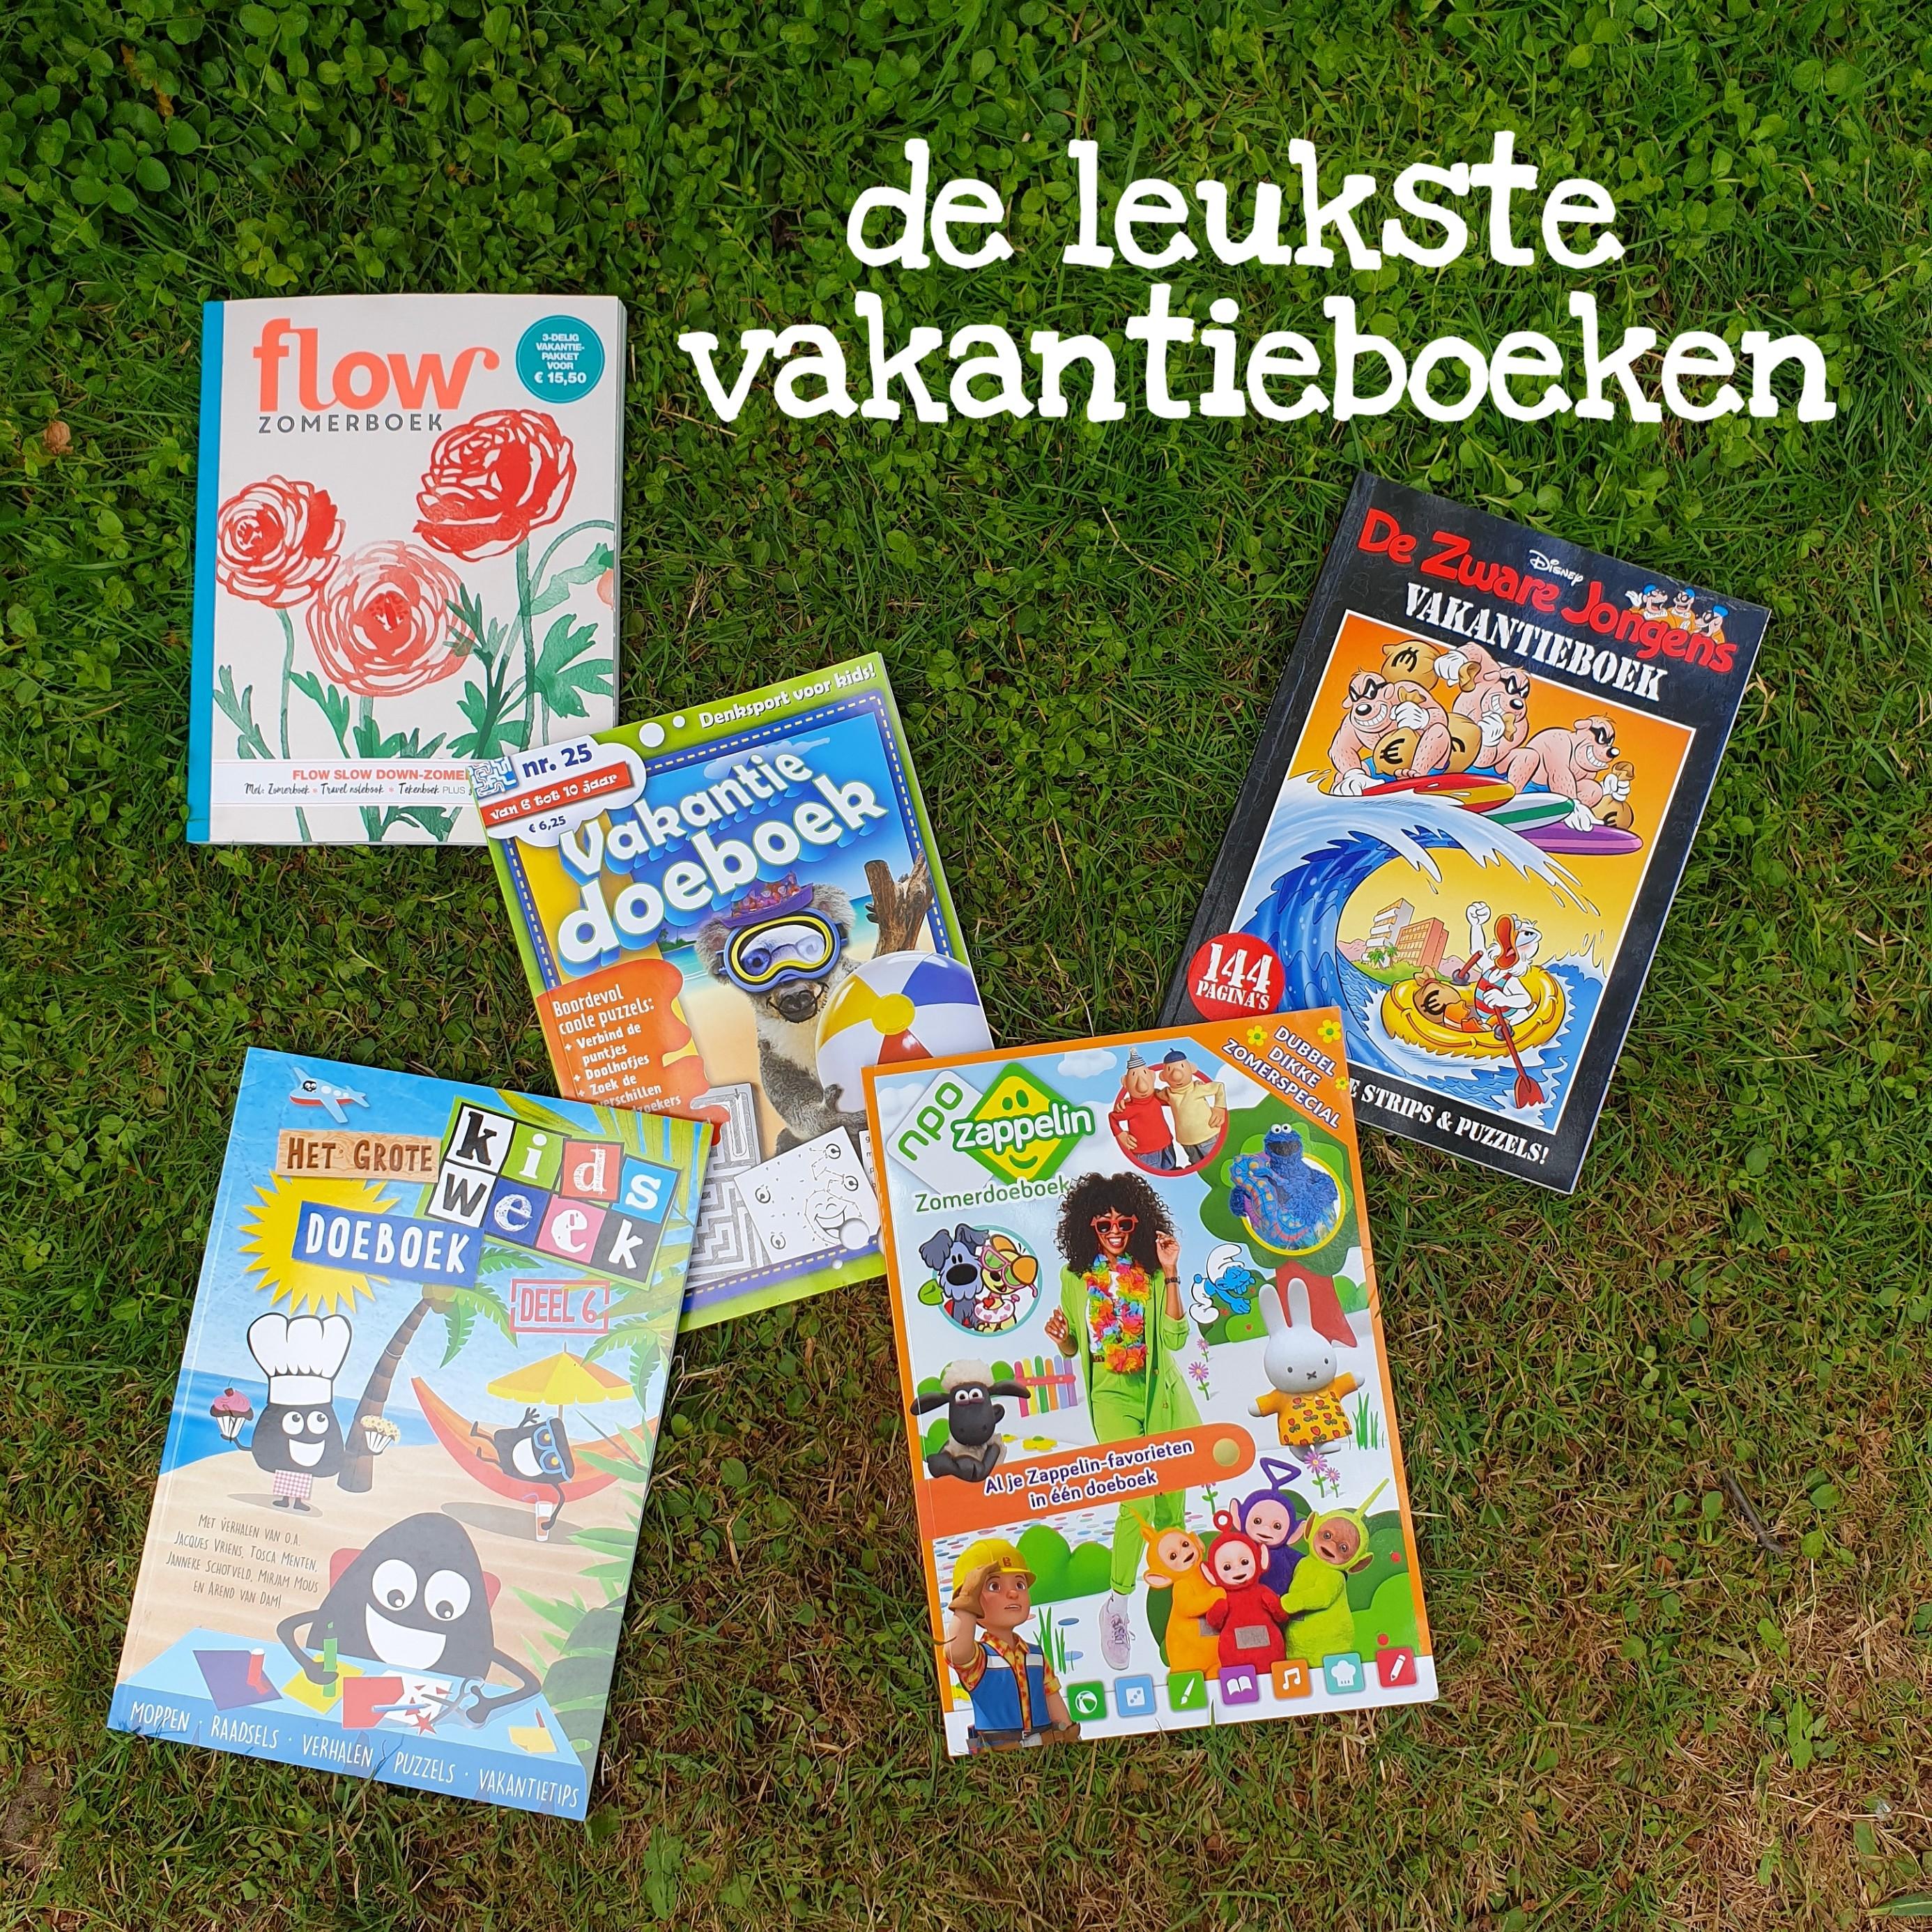 De leukste vakantieboeken en doeboeken voor het hele gezin